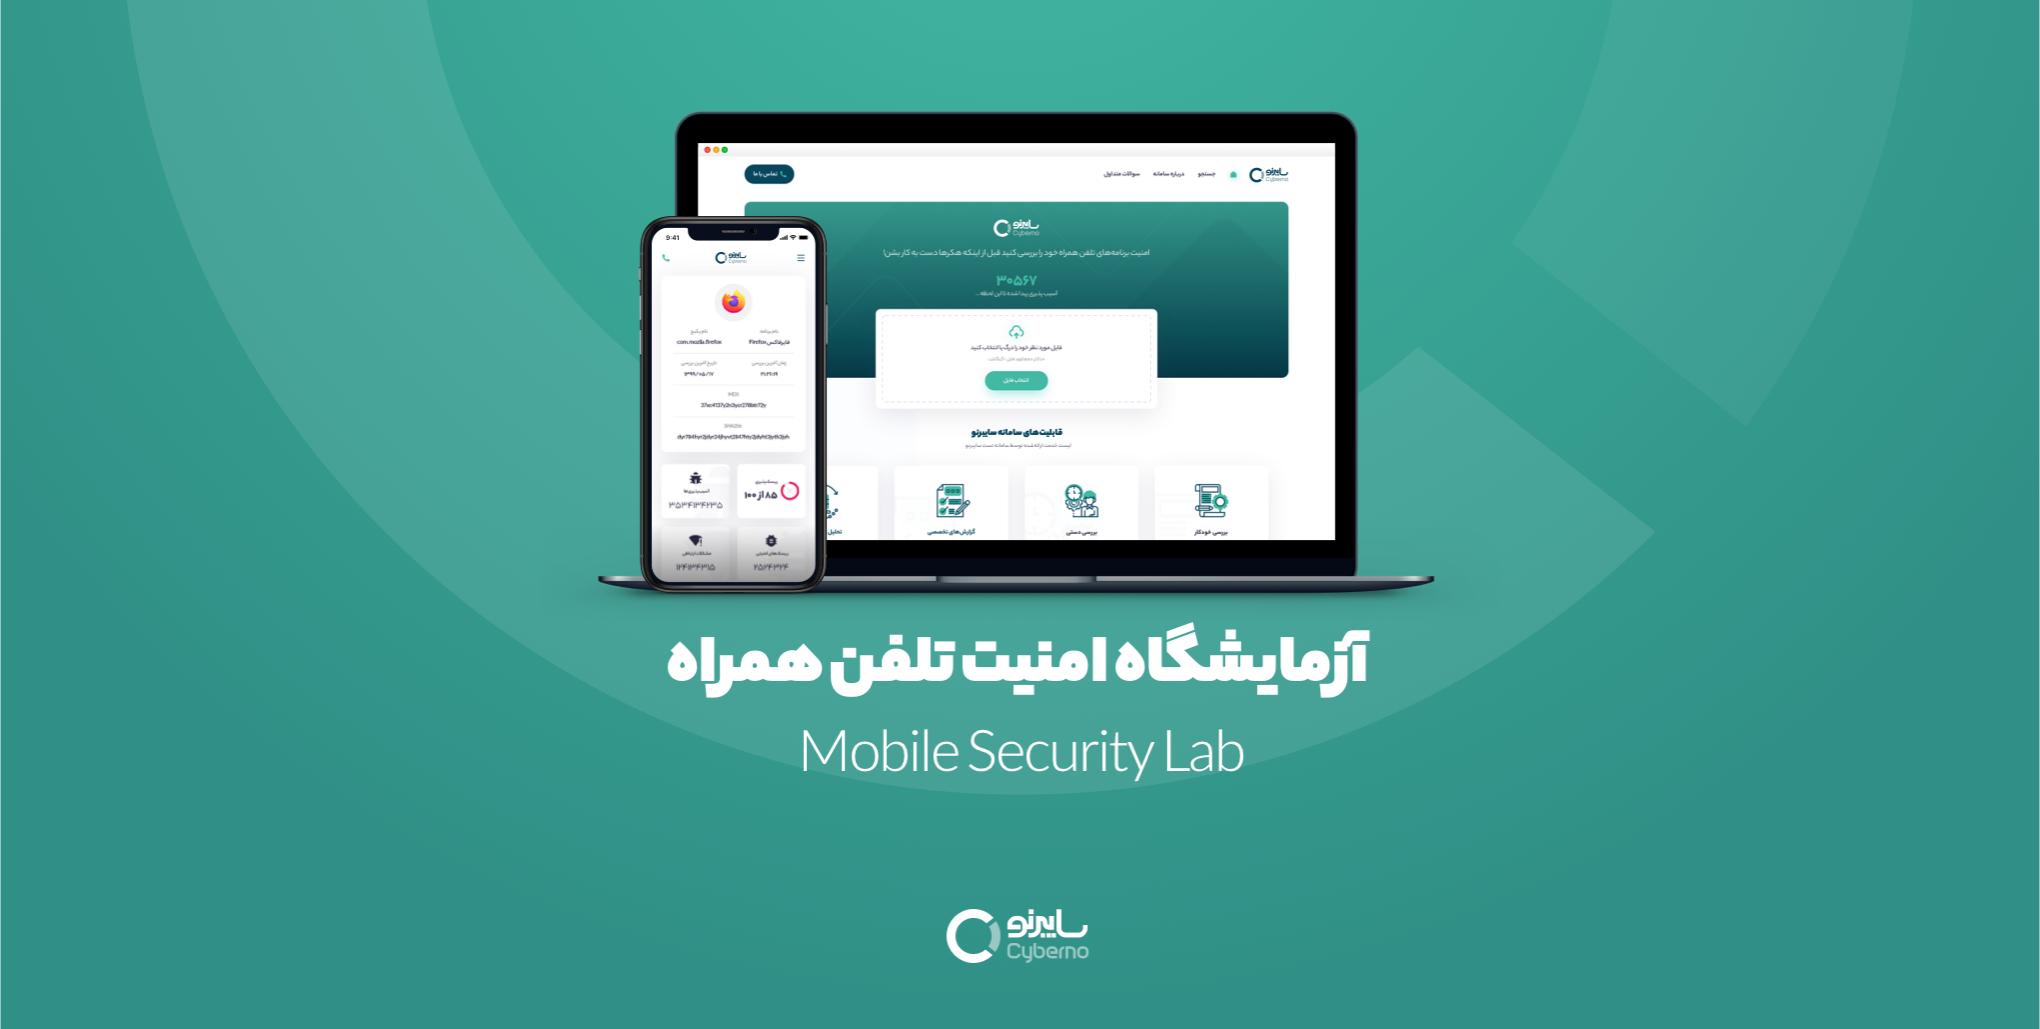 آزمایشگاه امنیت تلفن همراه